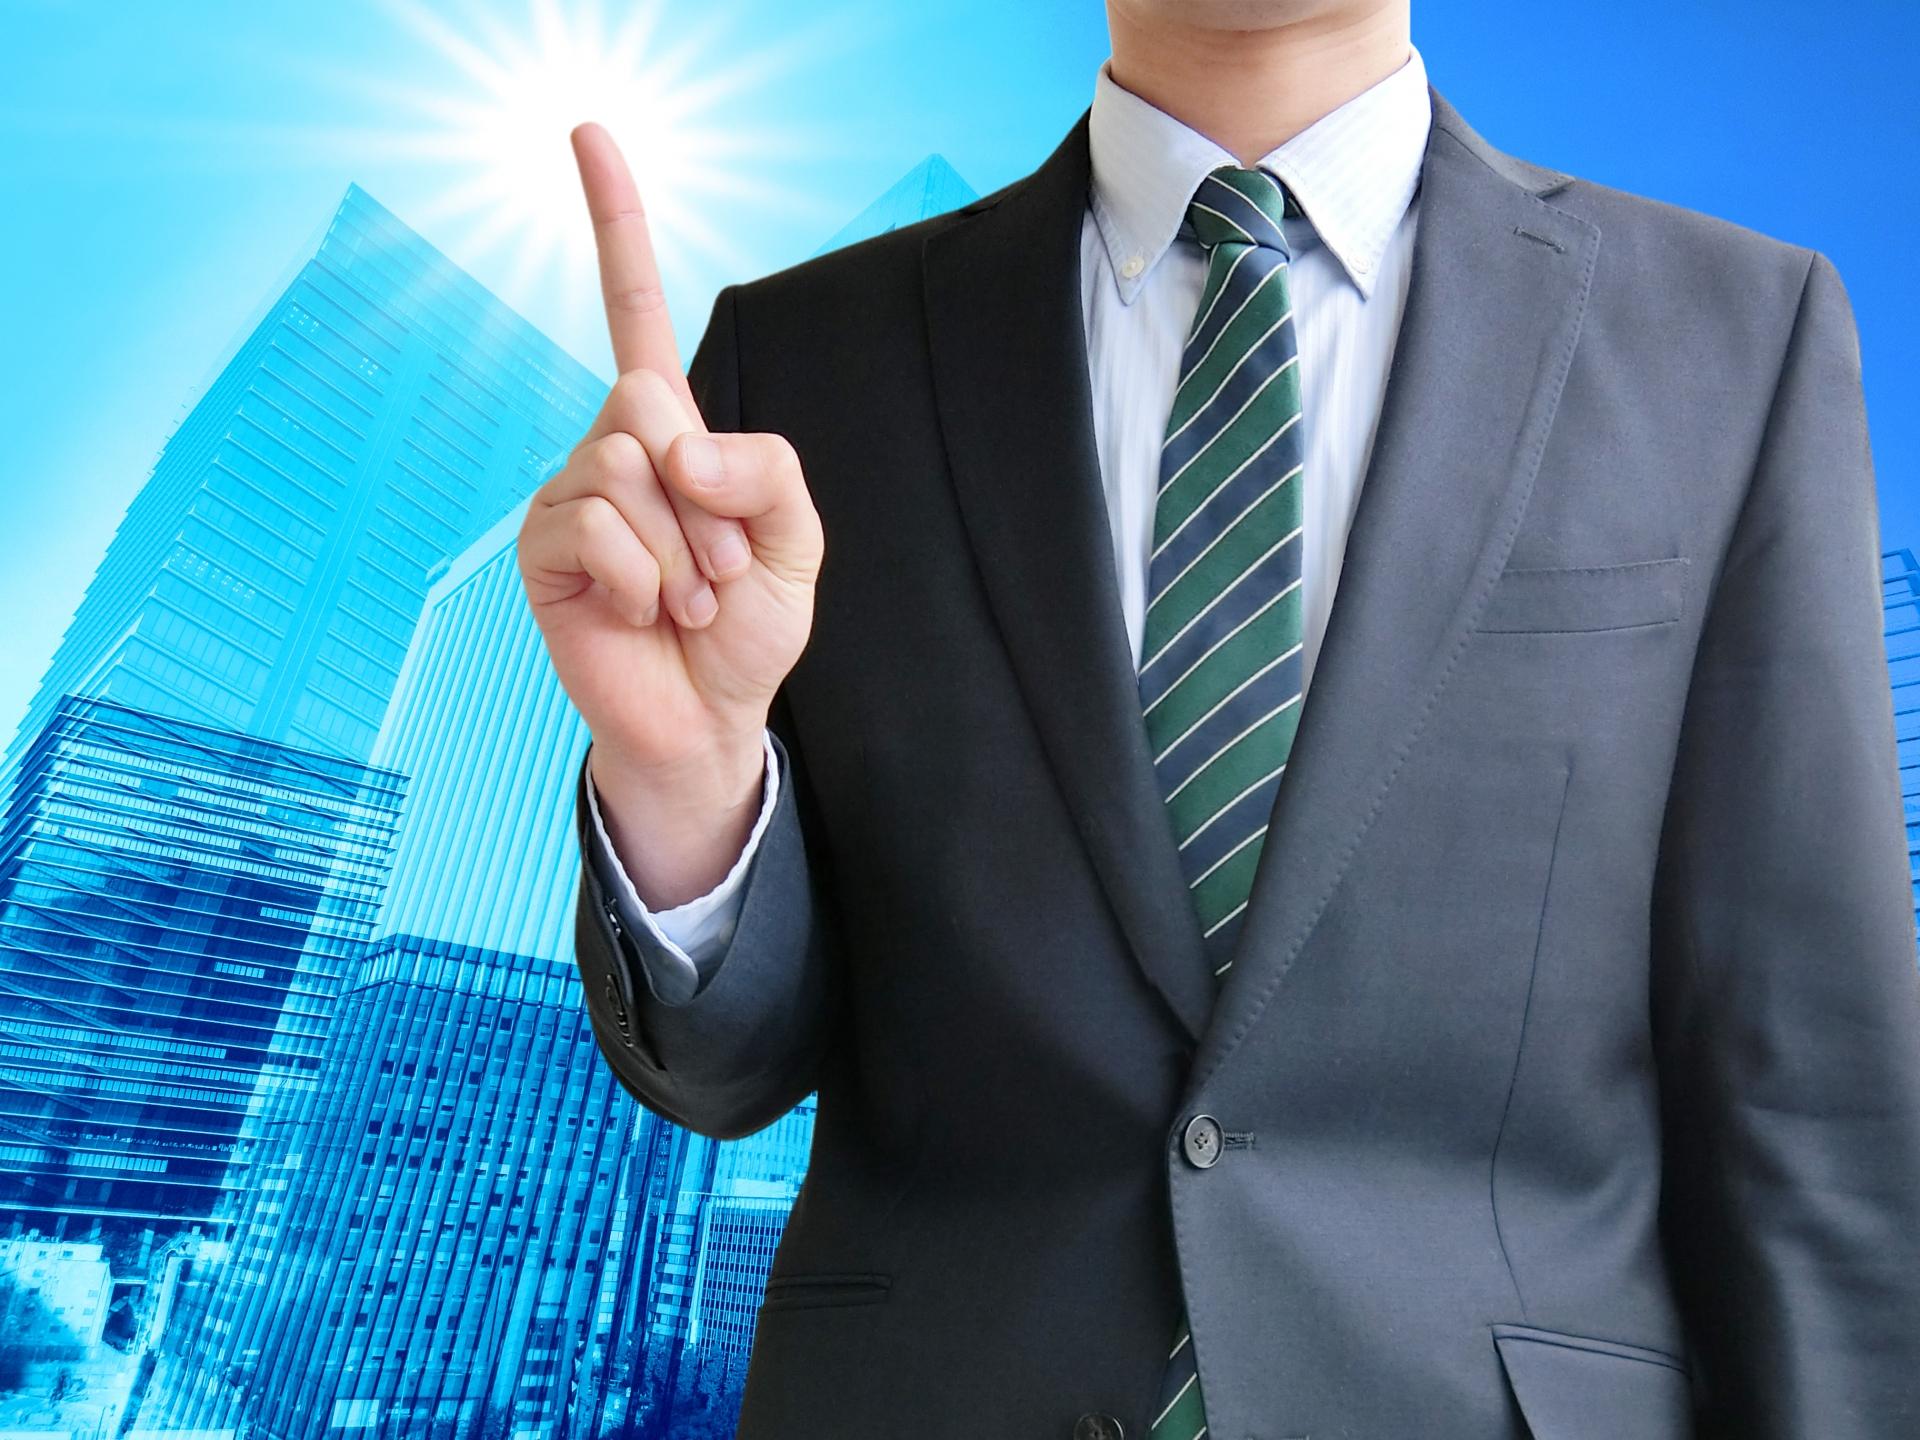 業務改善をするのは何のため?目的を決める重要性とは_必要性